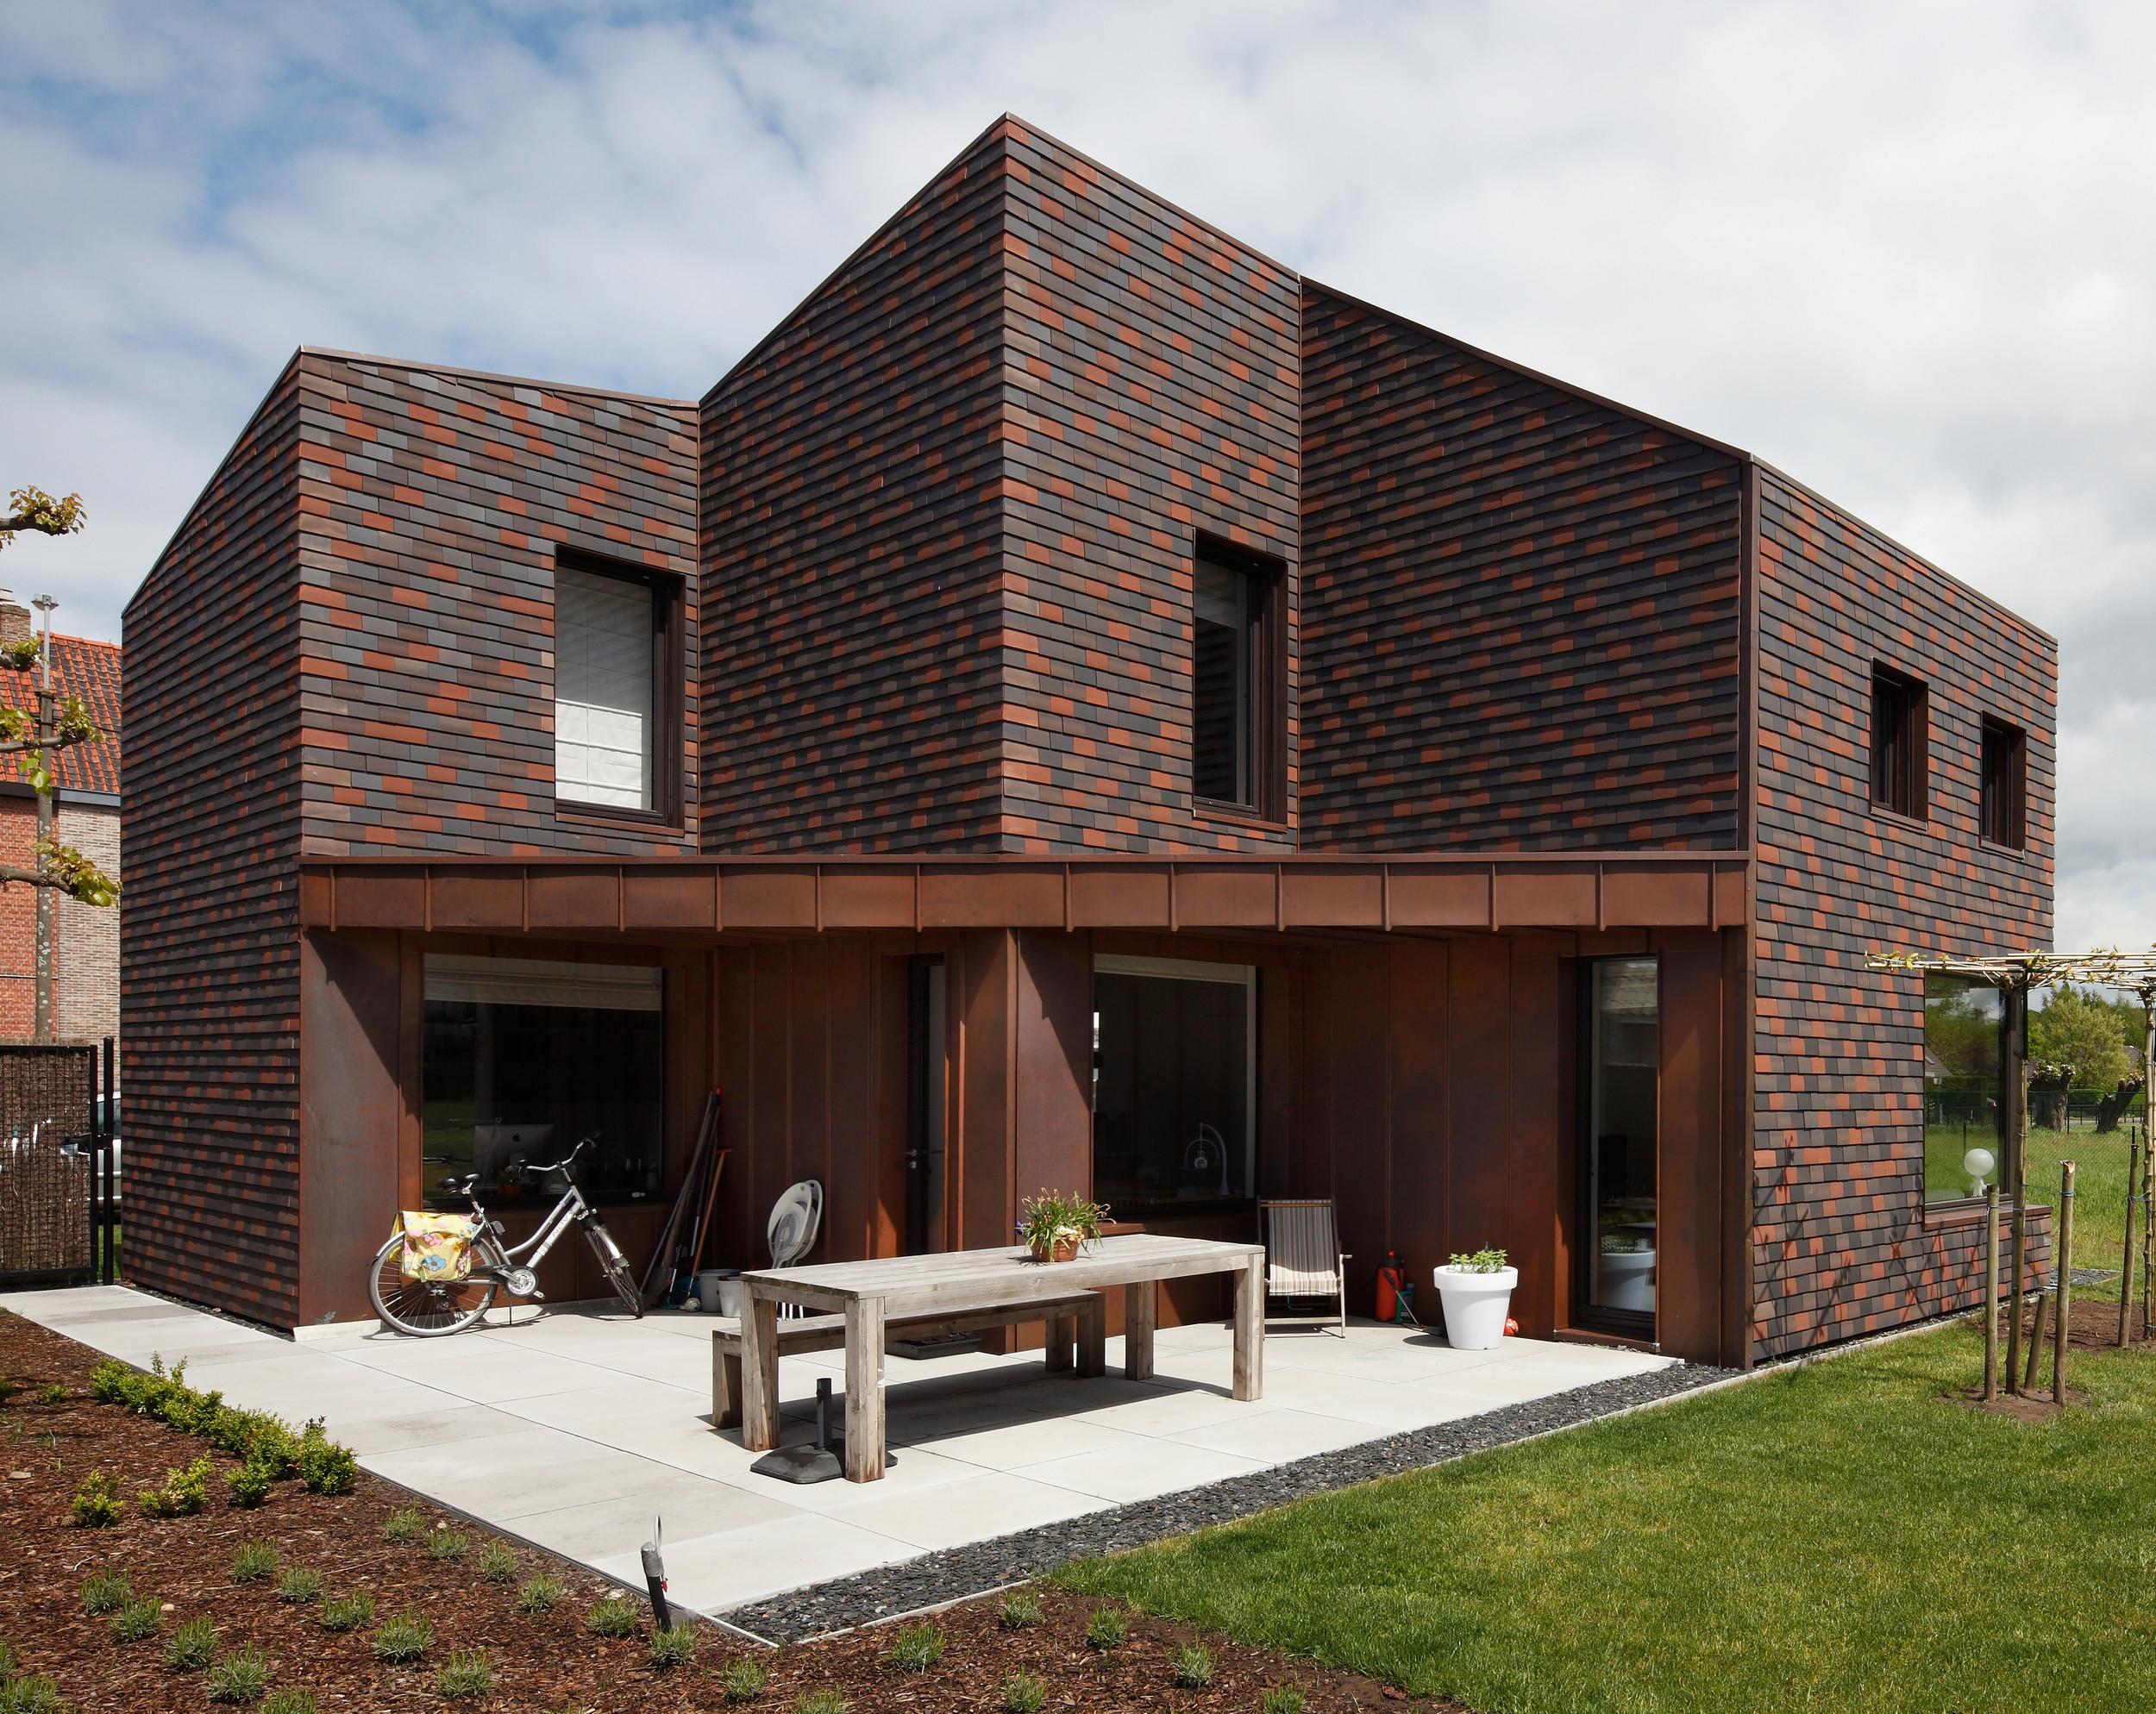 Clay masonry